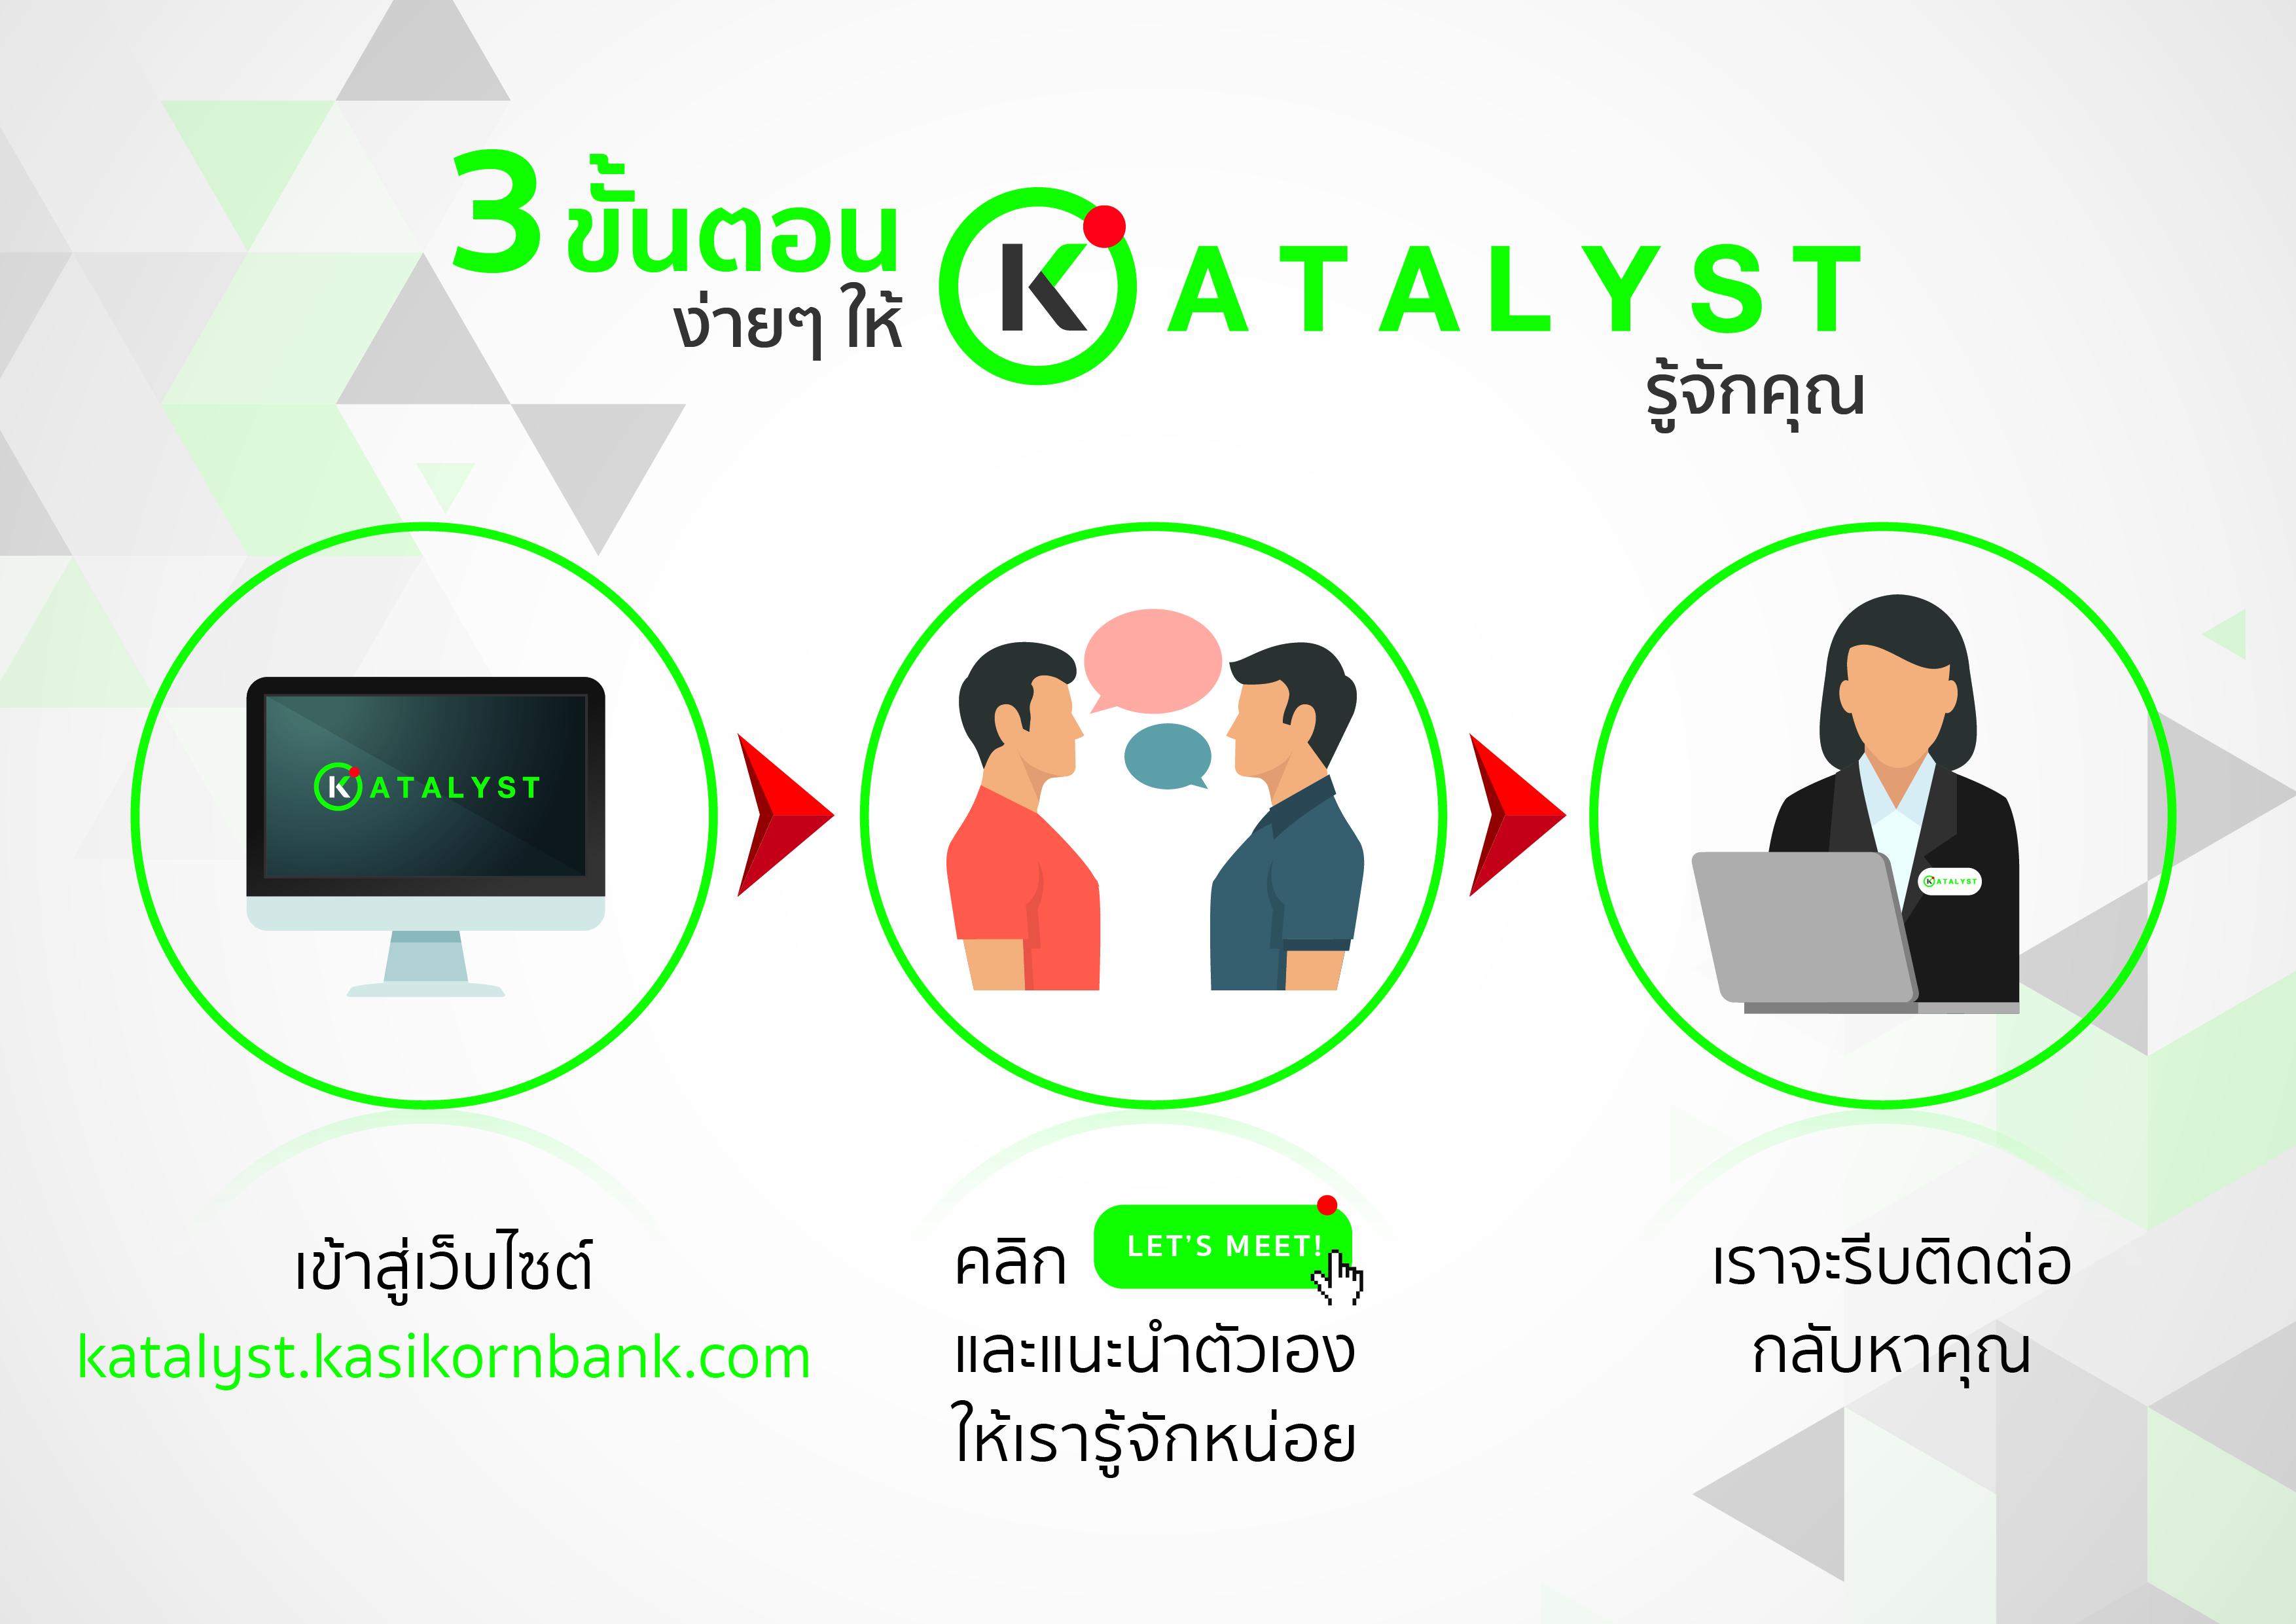 KATALYST โครงการจากกสิกรไทย